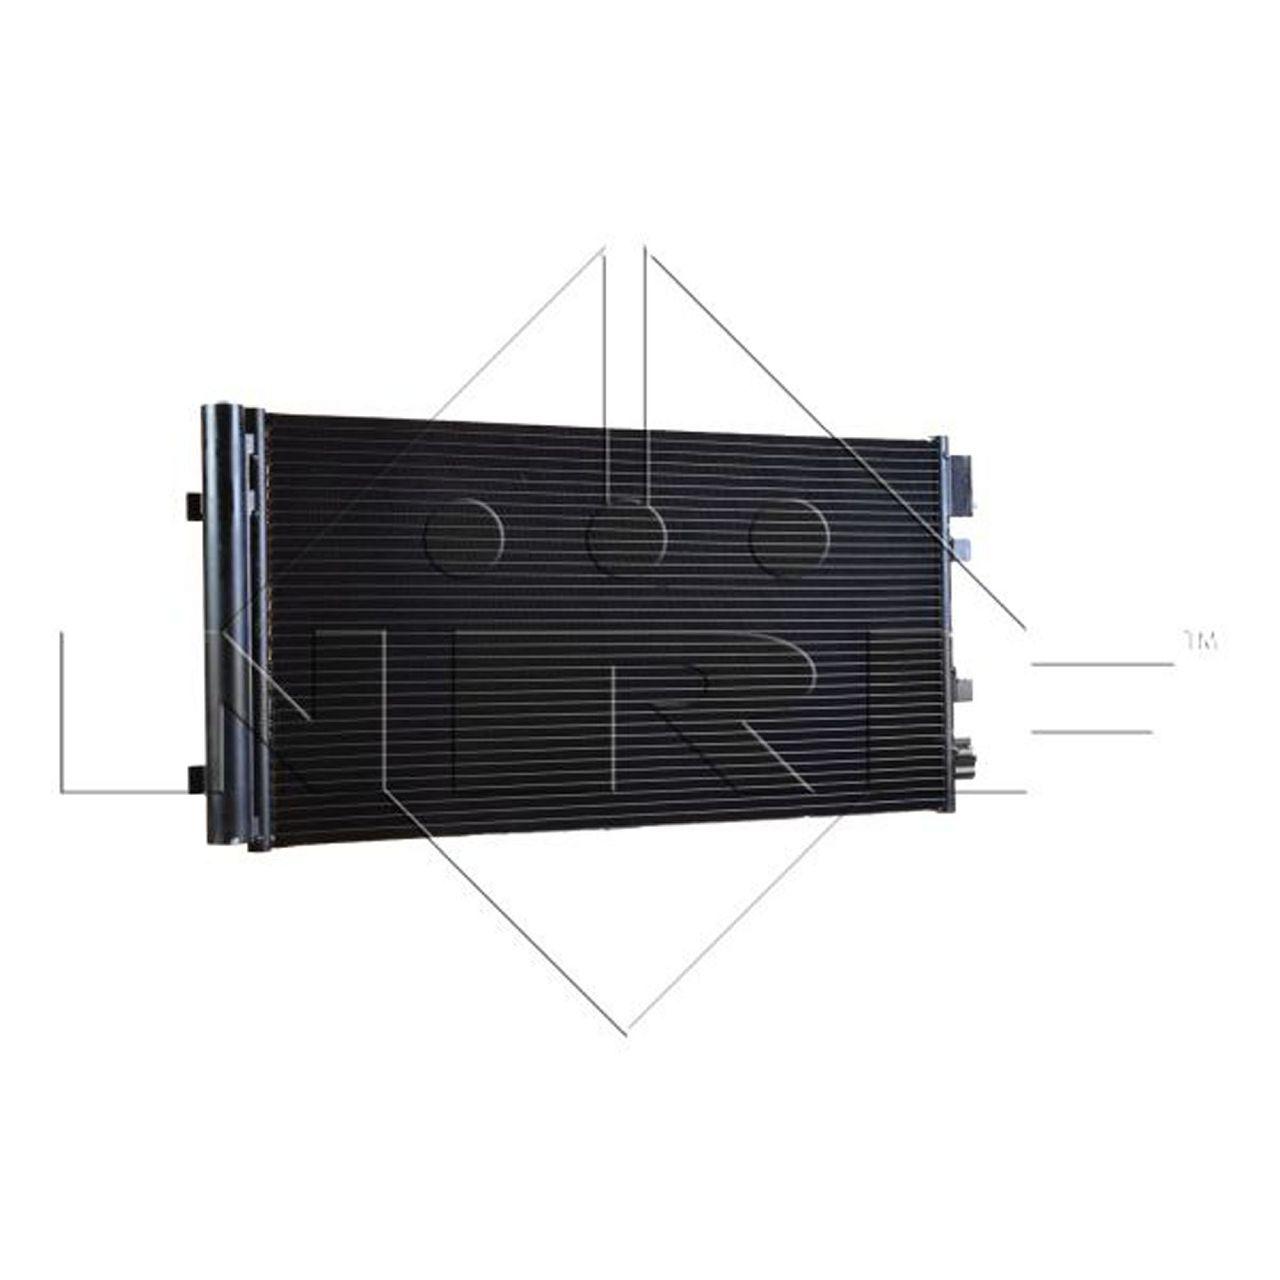 NRF 35938 EASY FIT Kondensator RENAULT Megane 3 Scenic 3 1.2-2.0 1.5-2.0 dCi Fluence L3